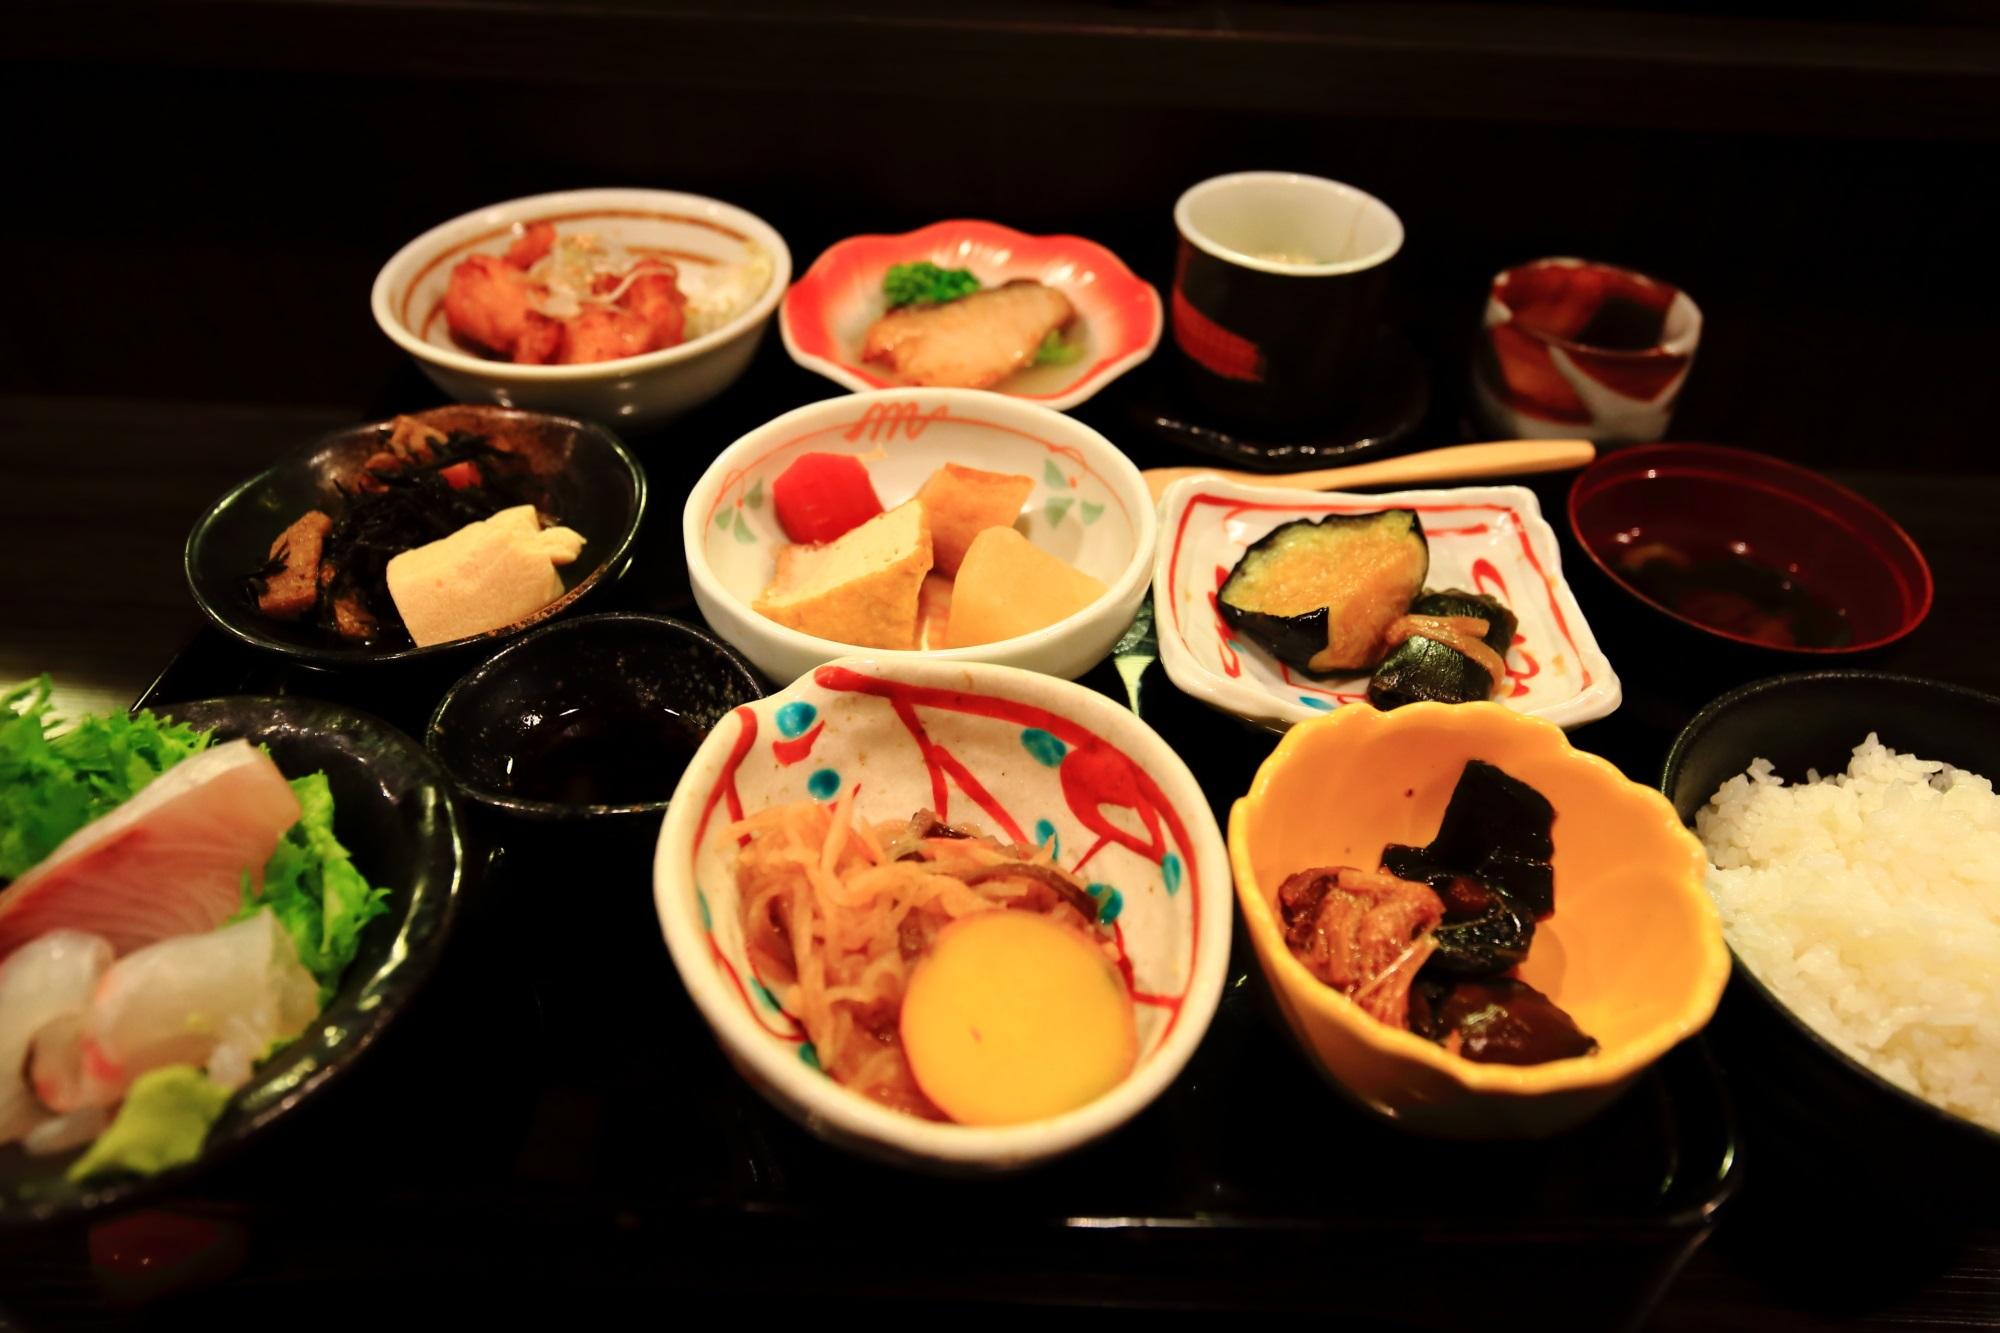 おくどはん御膳 おばんざい 御幸町 おくどはん 和食ランチ